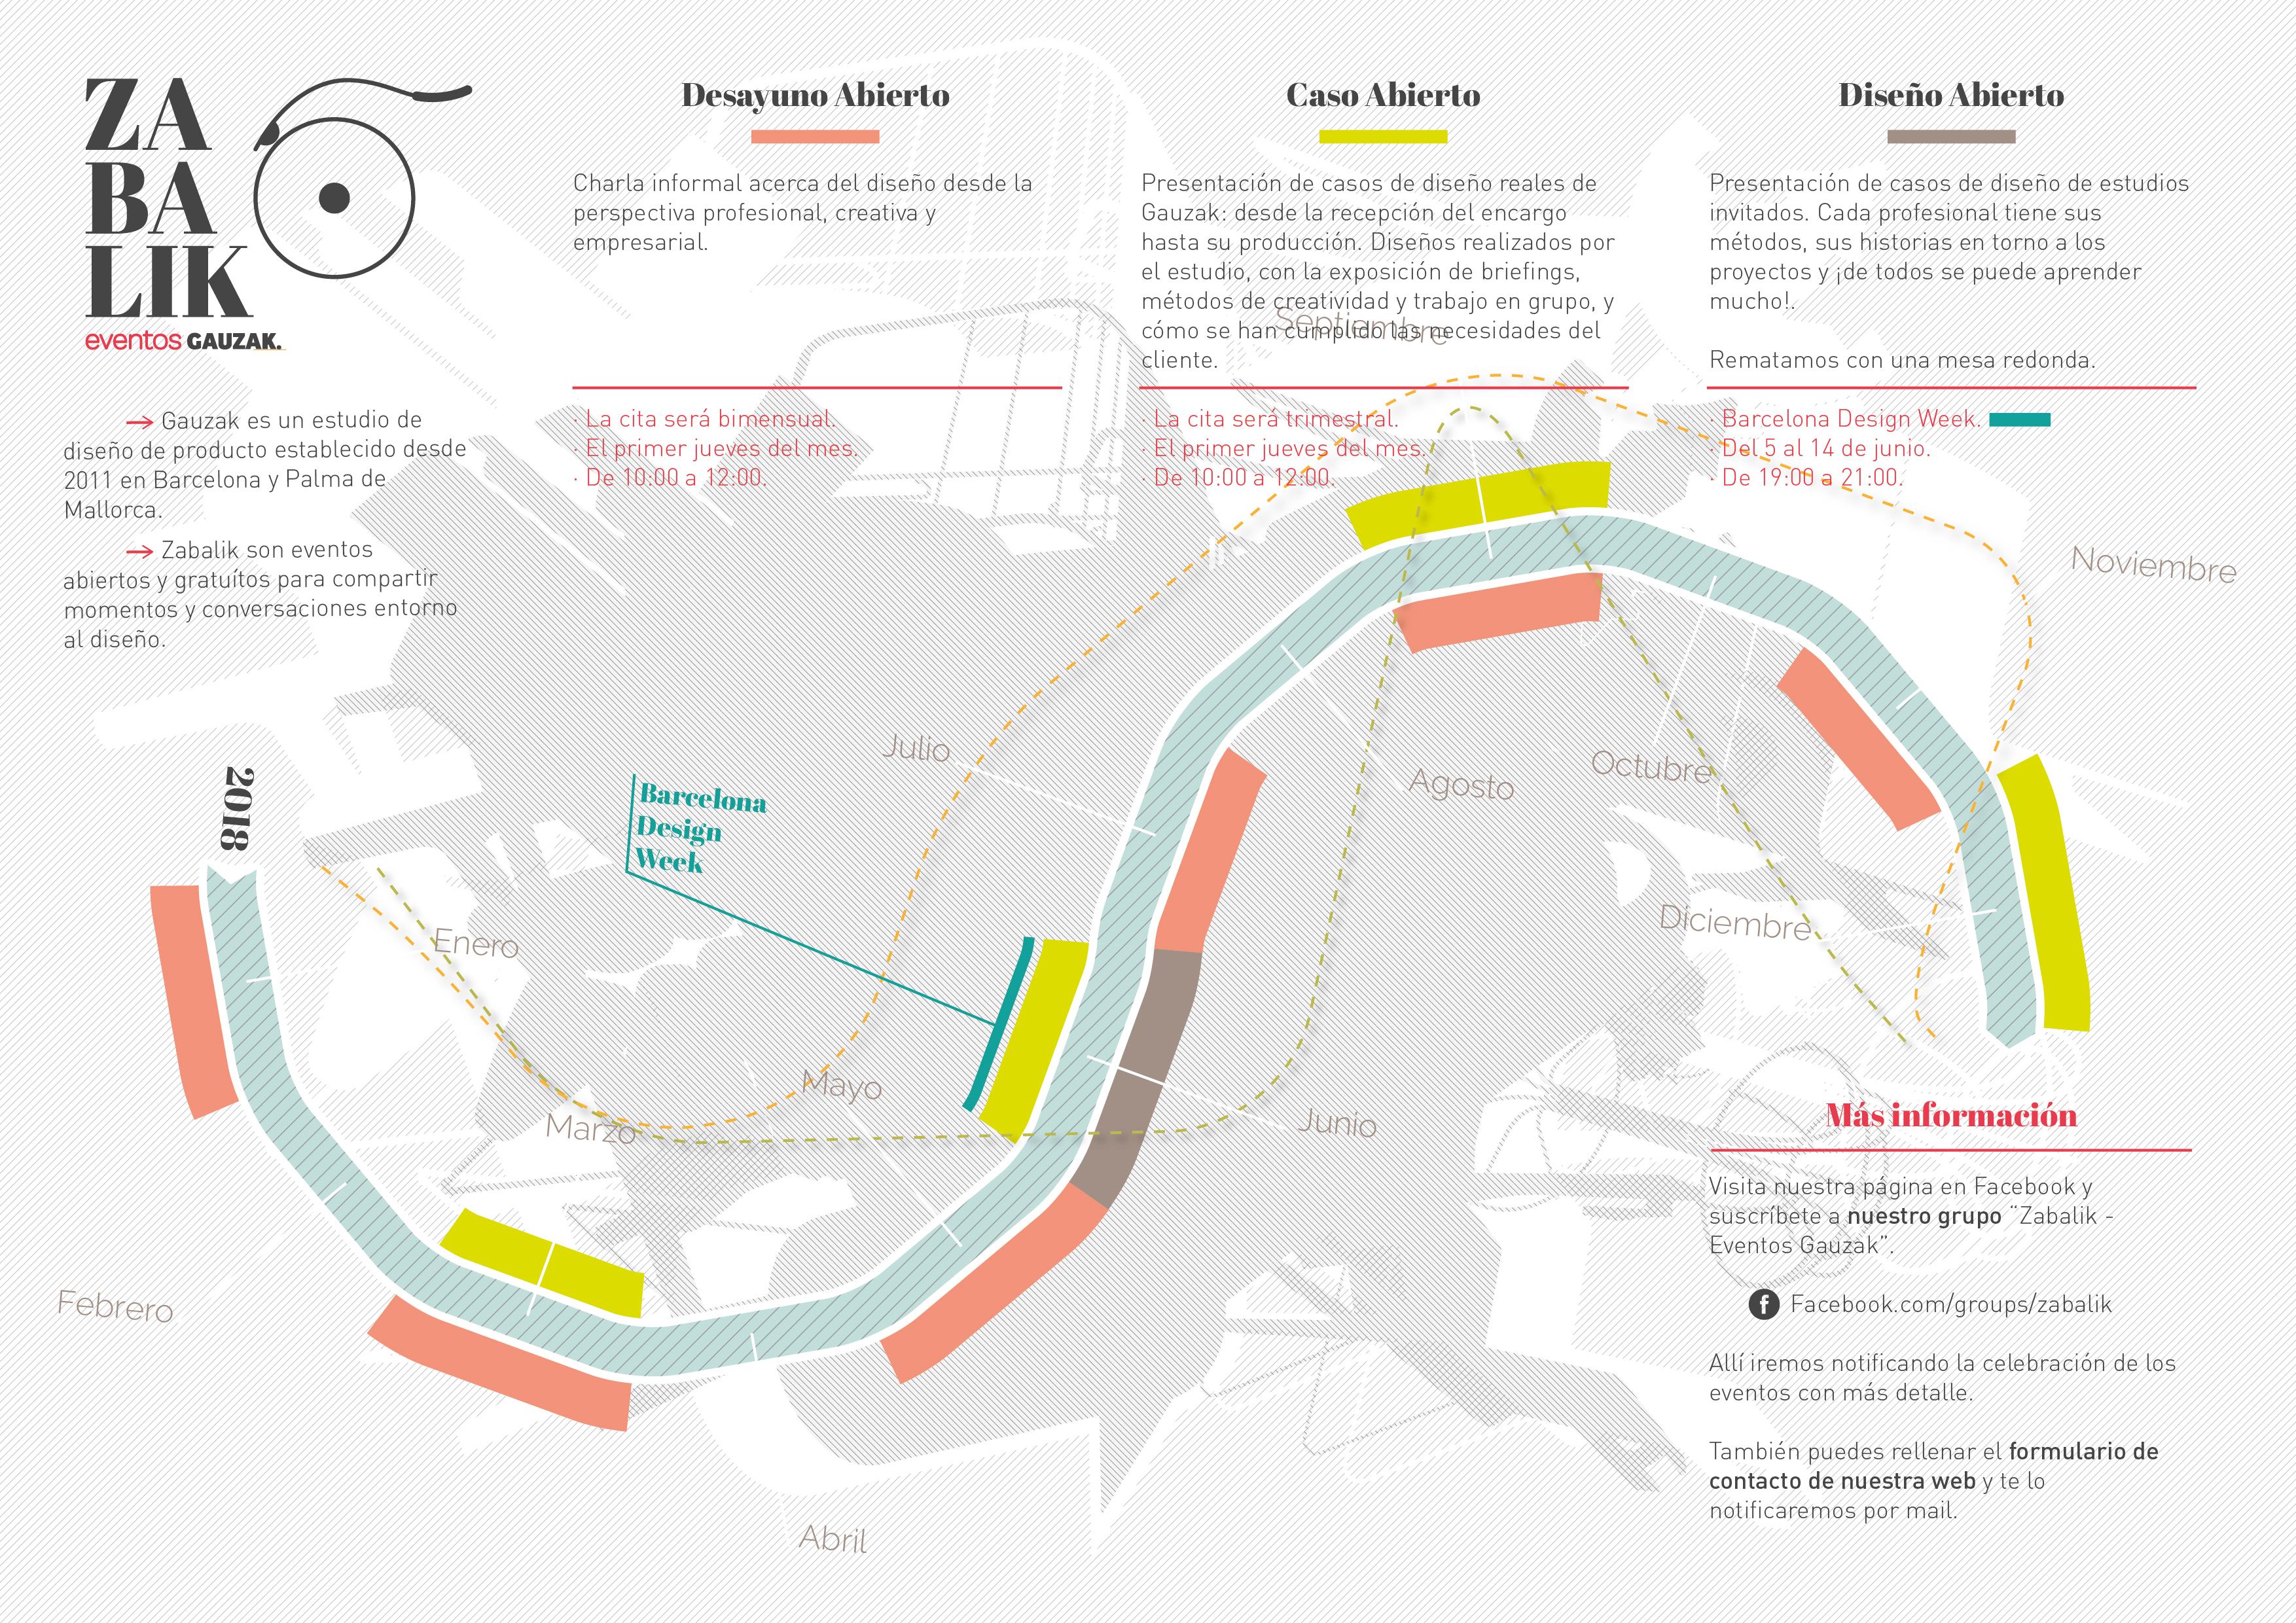 infografia de zabalik-eventos gauzak